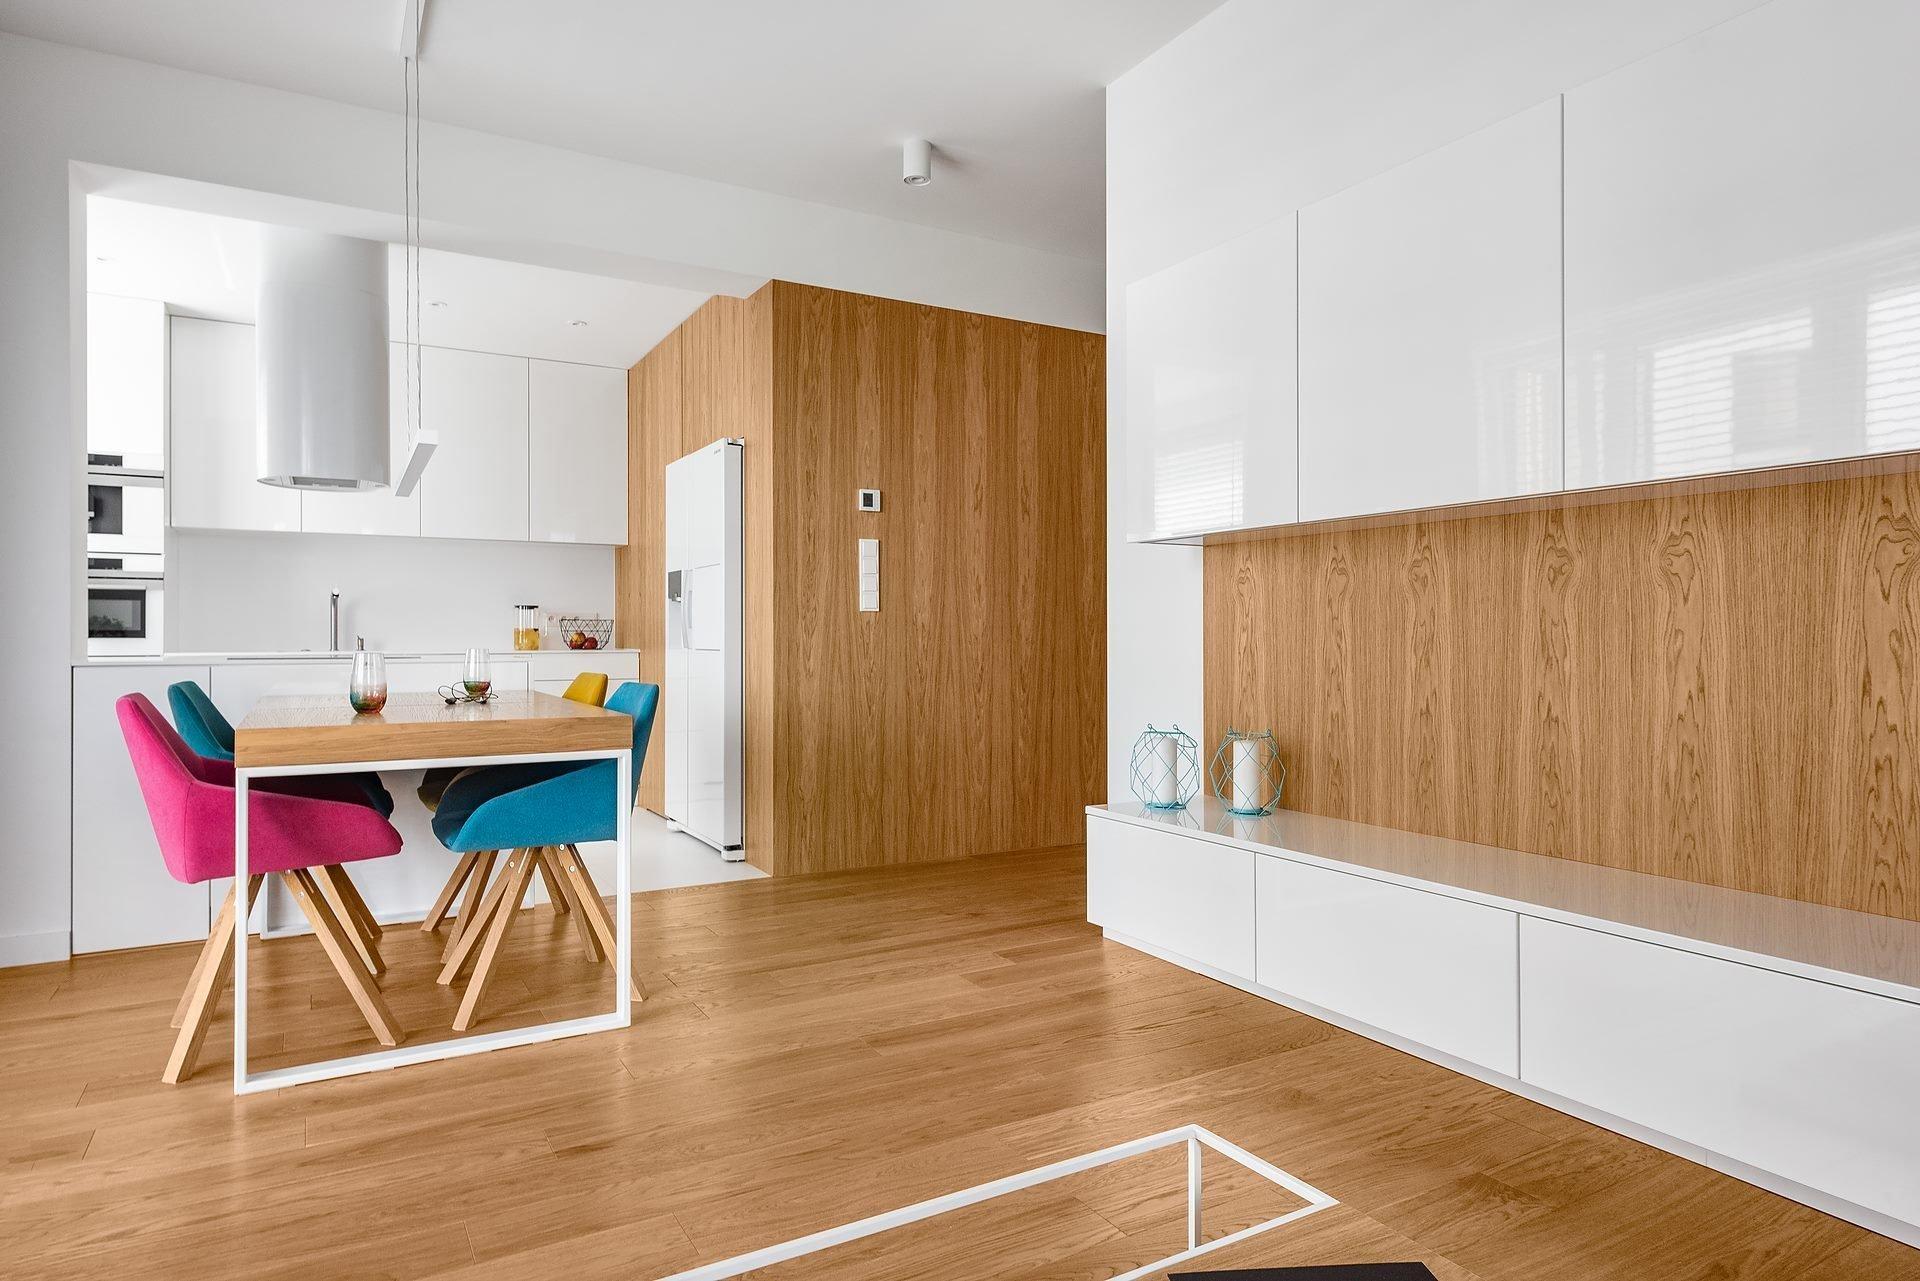 Interiér bytu, do kterého dnes nahlédneme, vděčí za svou proměnu polskému studiu Architekci. Dominuje v něm bílá barva sem tam roztříštěná barevnými akcenty. Jak se asi bydlí v tomto moderním interiéru?